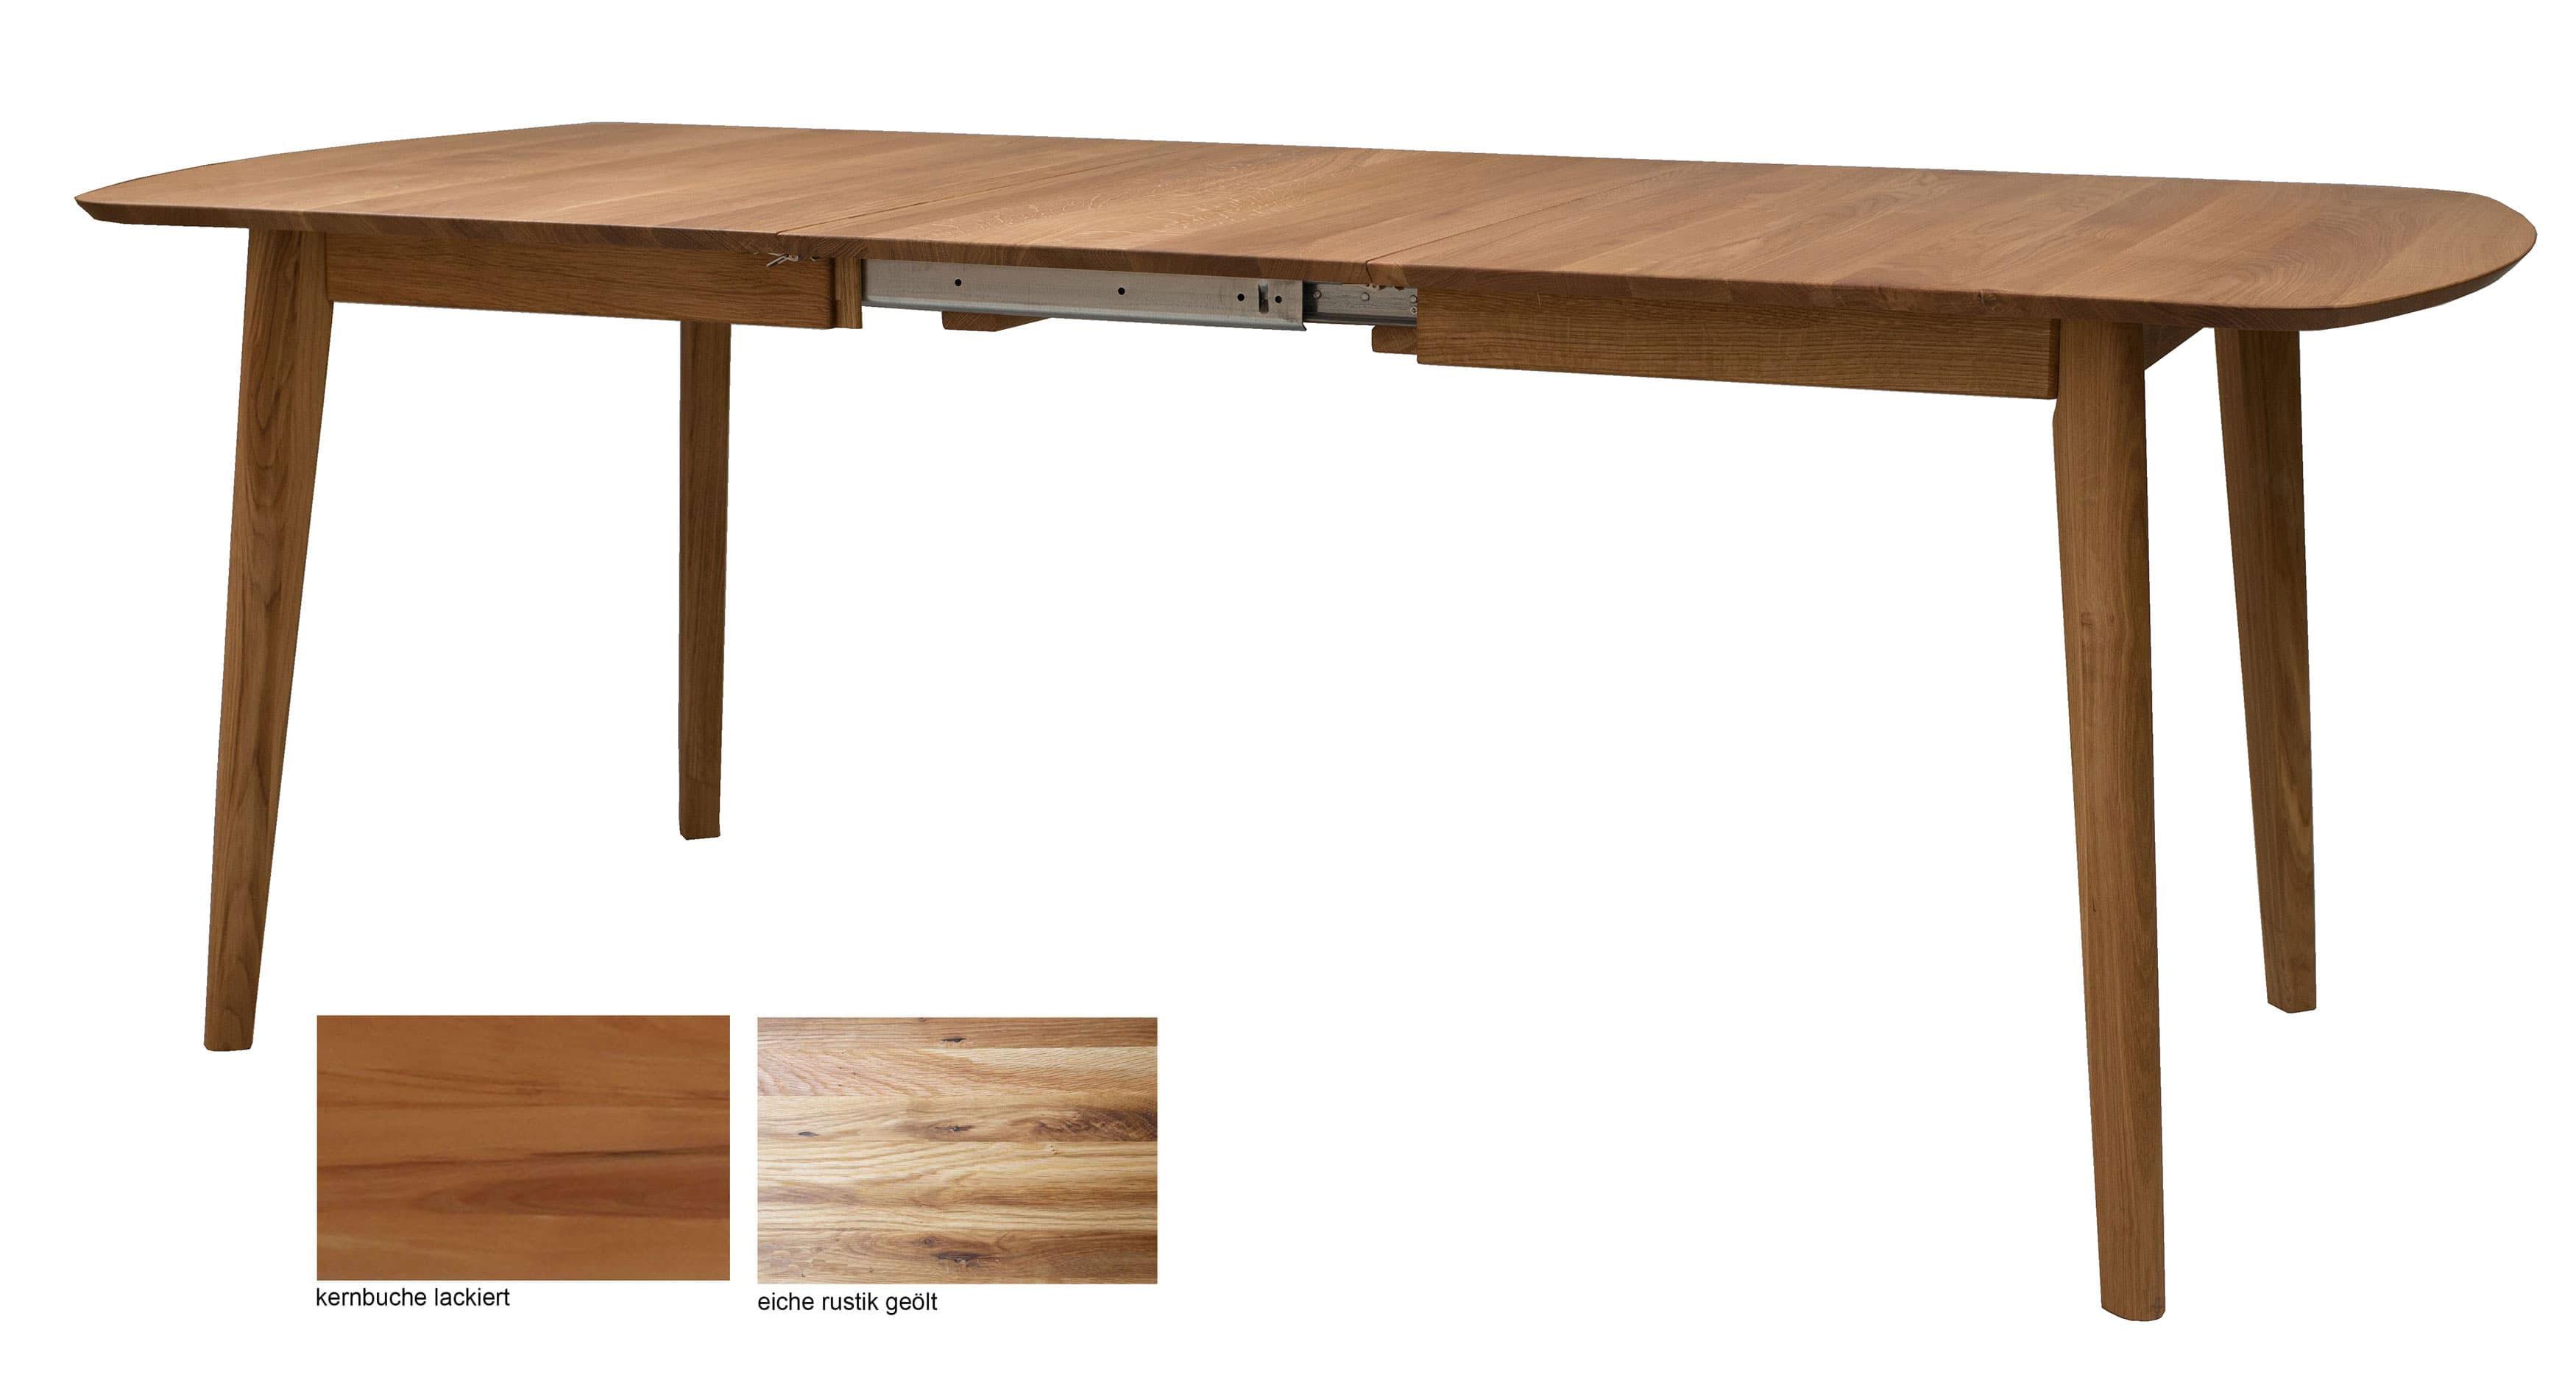 Standard Furniture Arles Massivholztisch ausziehbar eiche rustikal